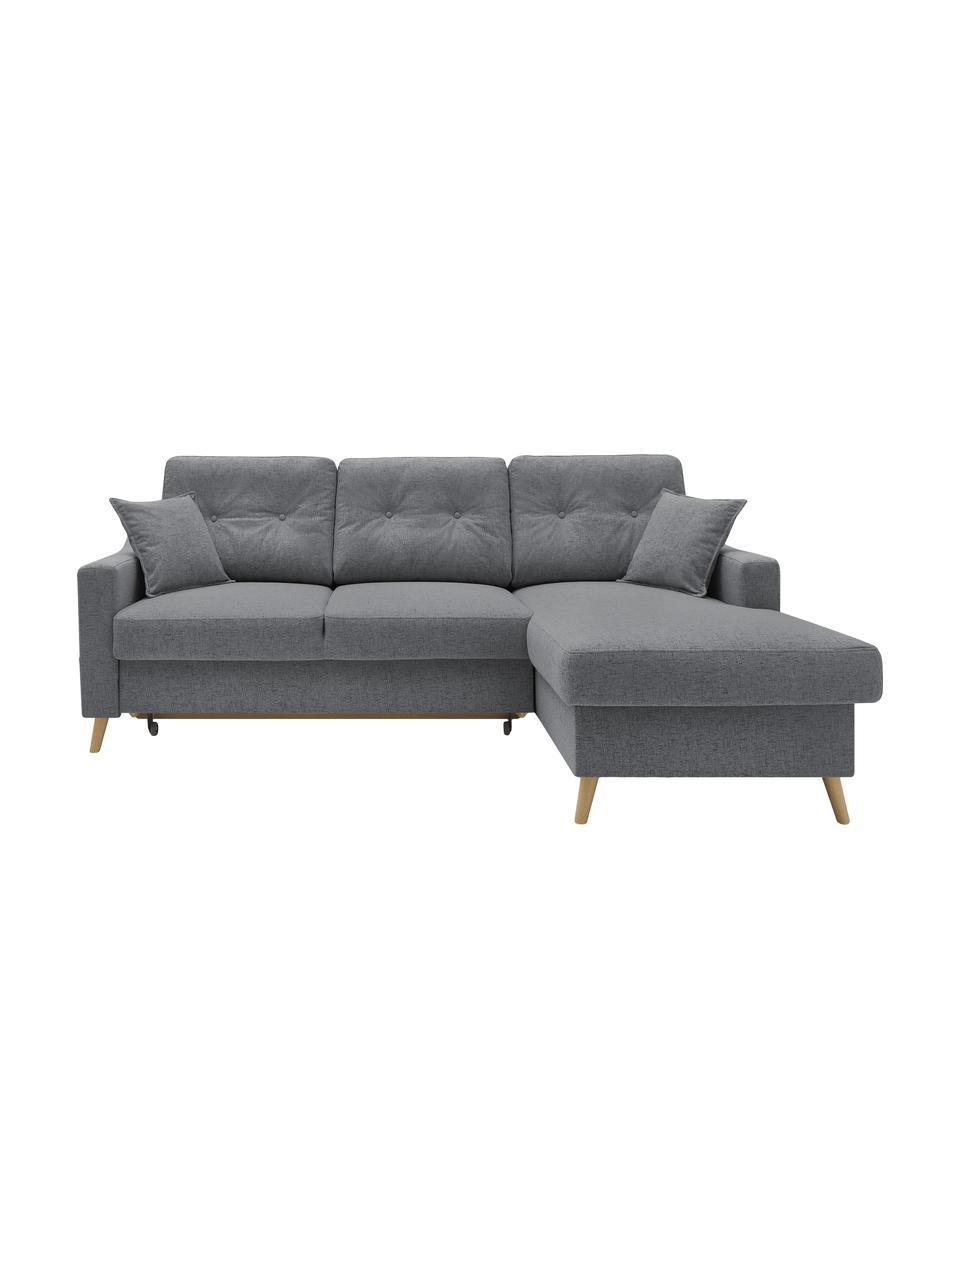 Sofa narożna z funkcją spania i miejscem do przechowywania Sweden, Tapicerka: poliester, Nogi: drewno naturalne, Szary, S 224 x G 149 cm